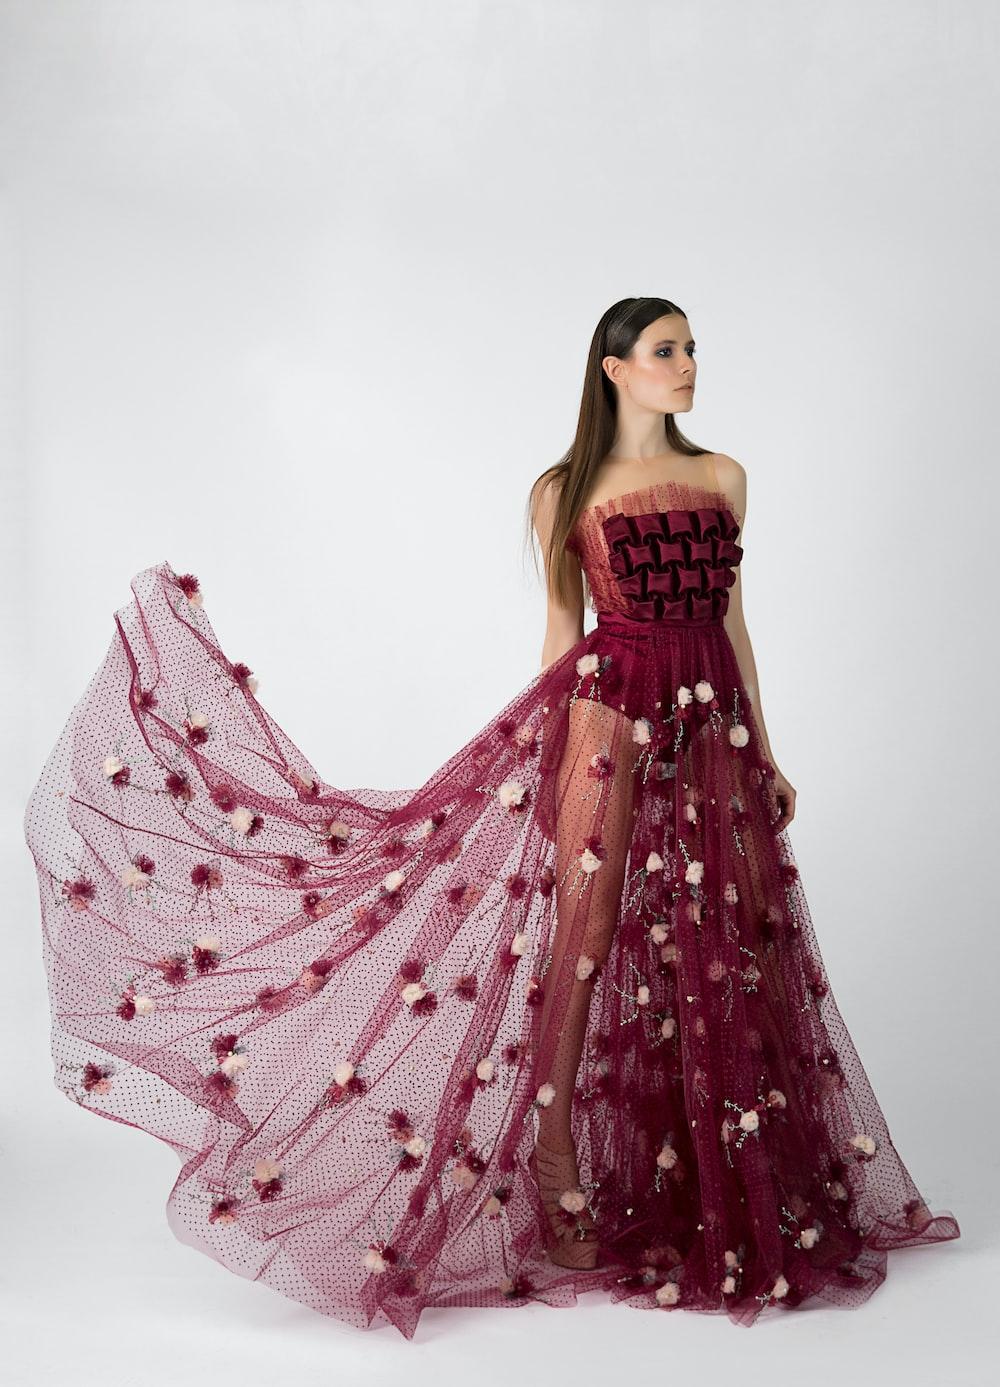 woman in maroon dress